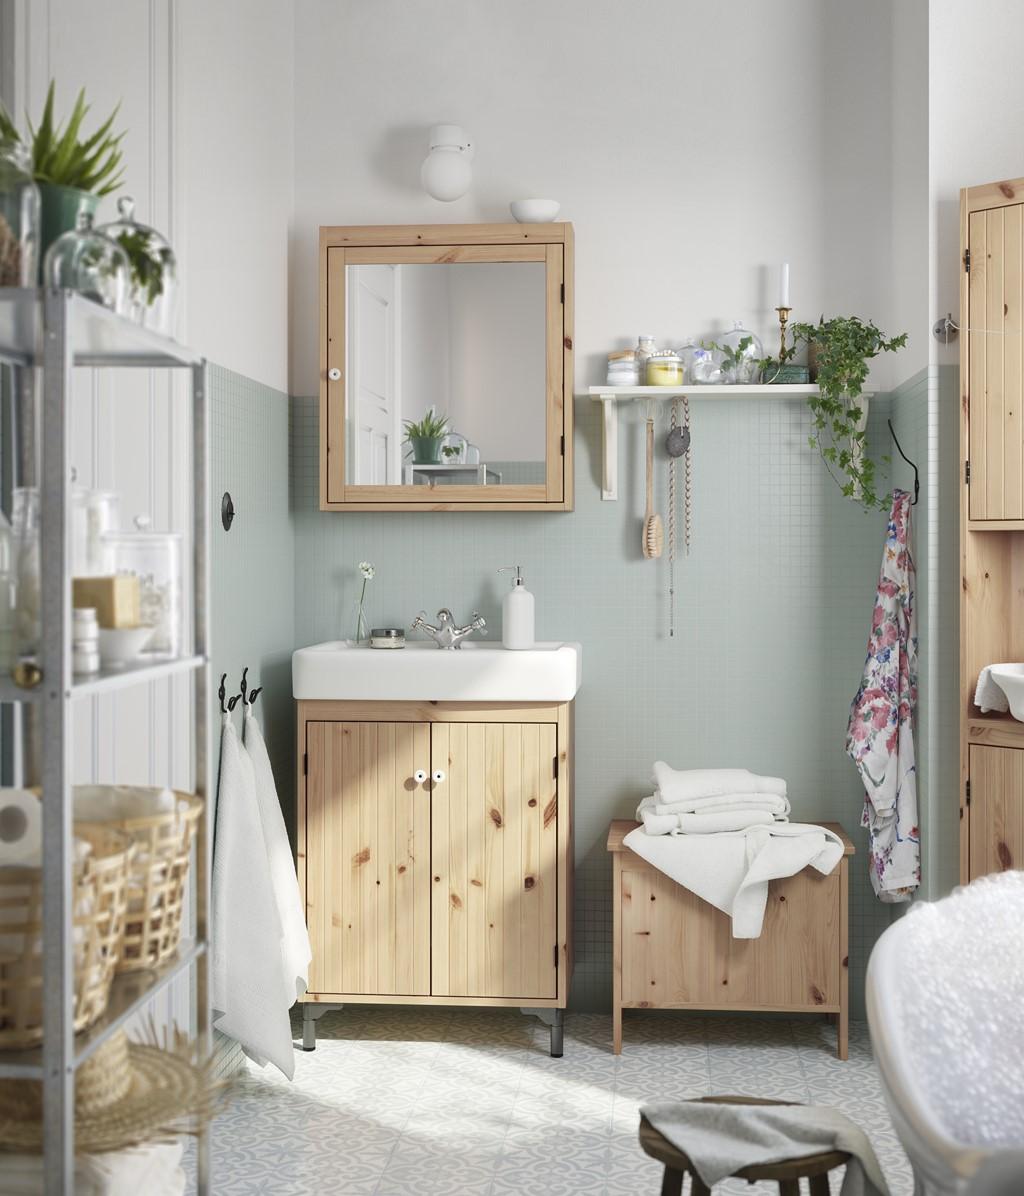 Casa de este alojamiento armario bano ikea 79 euros for Ikea schlafsofa 79 euro